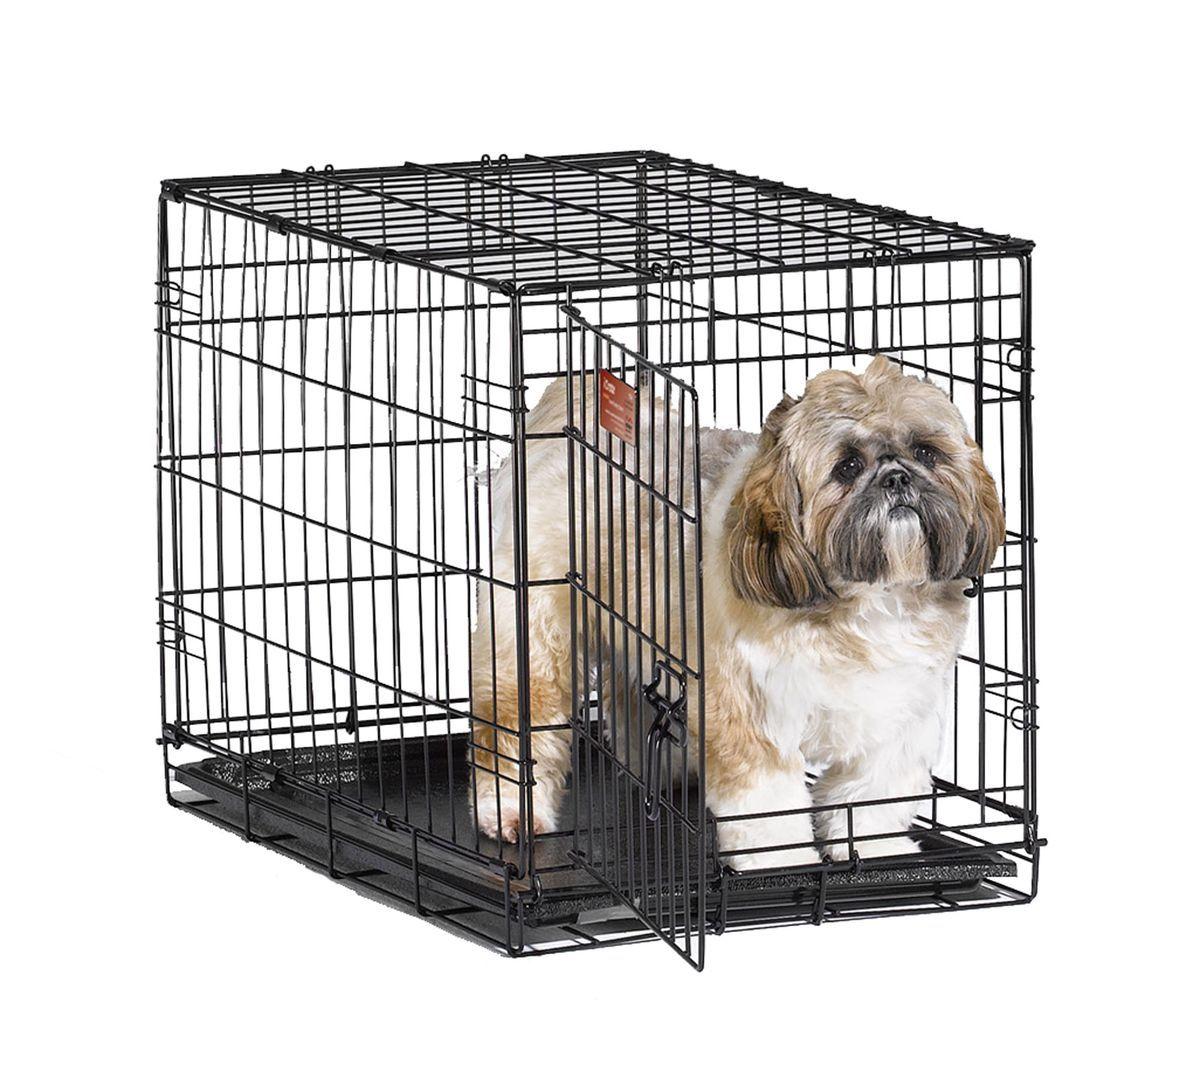 Клетка для собак Midwest iCrate, 1 дверь, цвет: черный, 61 х 46 х 48 см1524Клетка Midwest iCrate разработана специально для транспортировки средних и малых собак. Закругленная угловая защита обеспечивает безопасность питомцам и людям. Клетка из нержавеющей стали оснащена: - одной надежной дверкой; - безопасным двойным замком (задвижка закрывает и снаружи и внутри); - прочным пластиковым поддоном, который не повреждает поверхность, на которой размещается; - разделяющей панелью, обеспечивающей создание универсальных отсеков; - качественными ручками для переноски питомца.Размер клетки (ДхШхВ): 61 см х 46 см х 48 см. Вес конструкции: 7 кг.Товар сертифицирован.